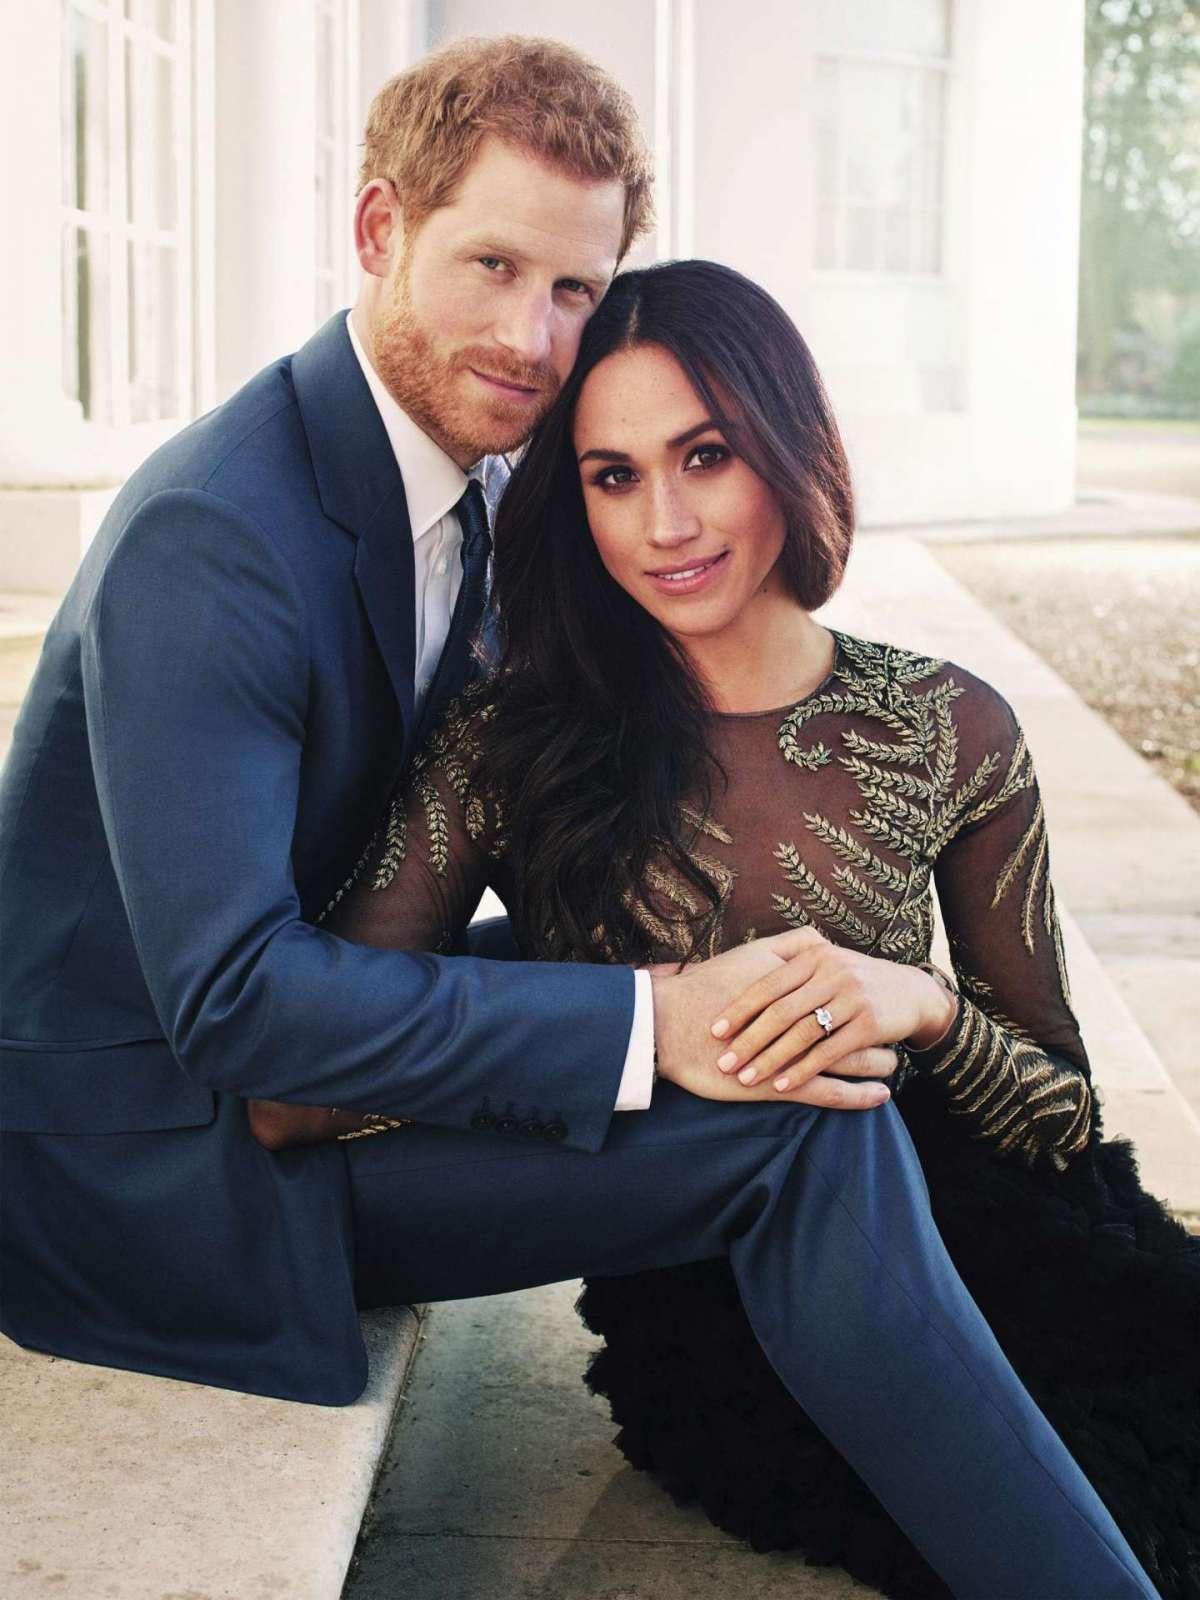 Royal wedding, al matrimonio di Harry e Meghan ci sarà un solo giornalista